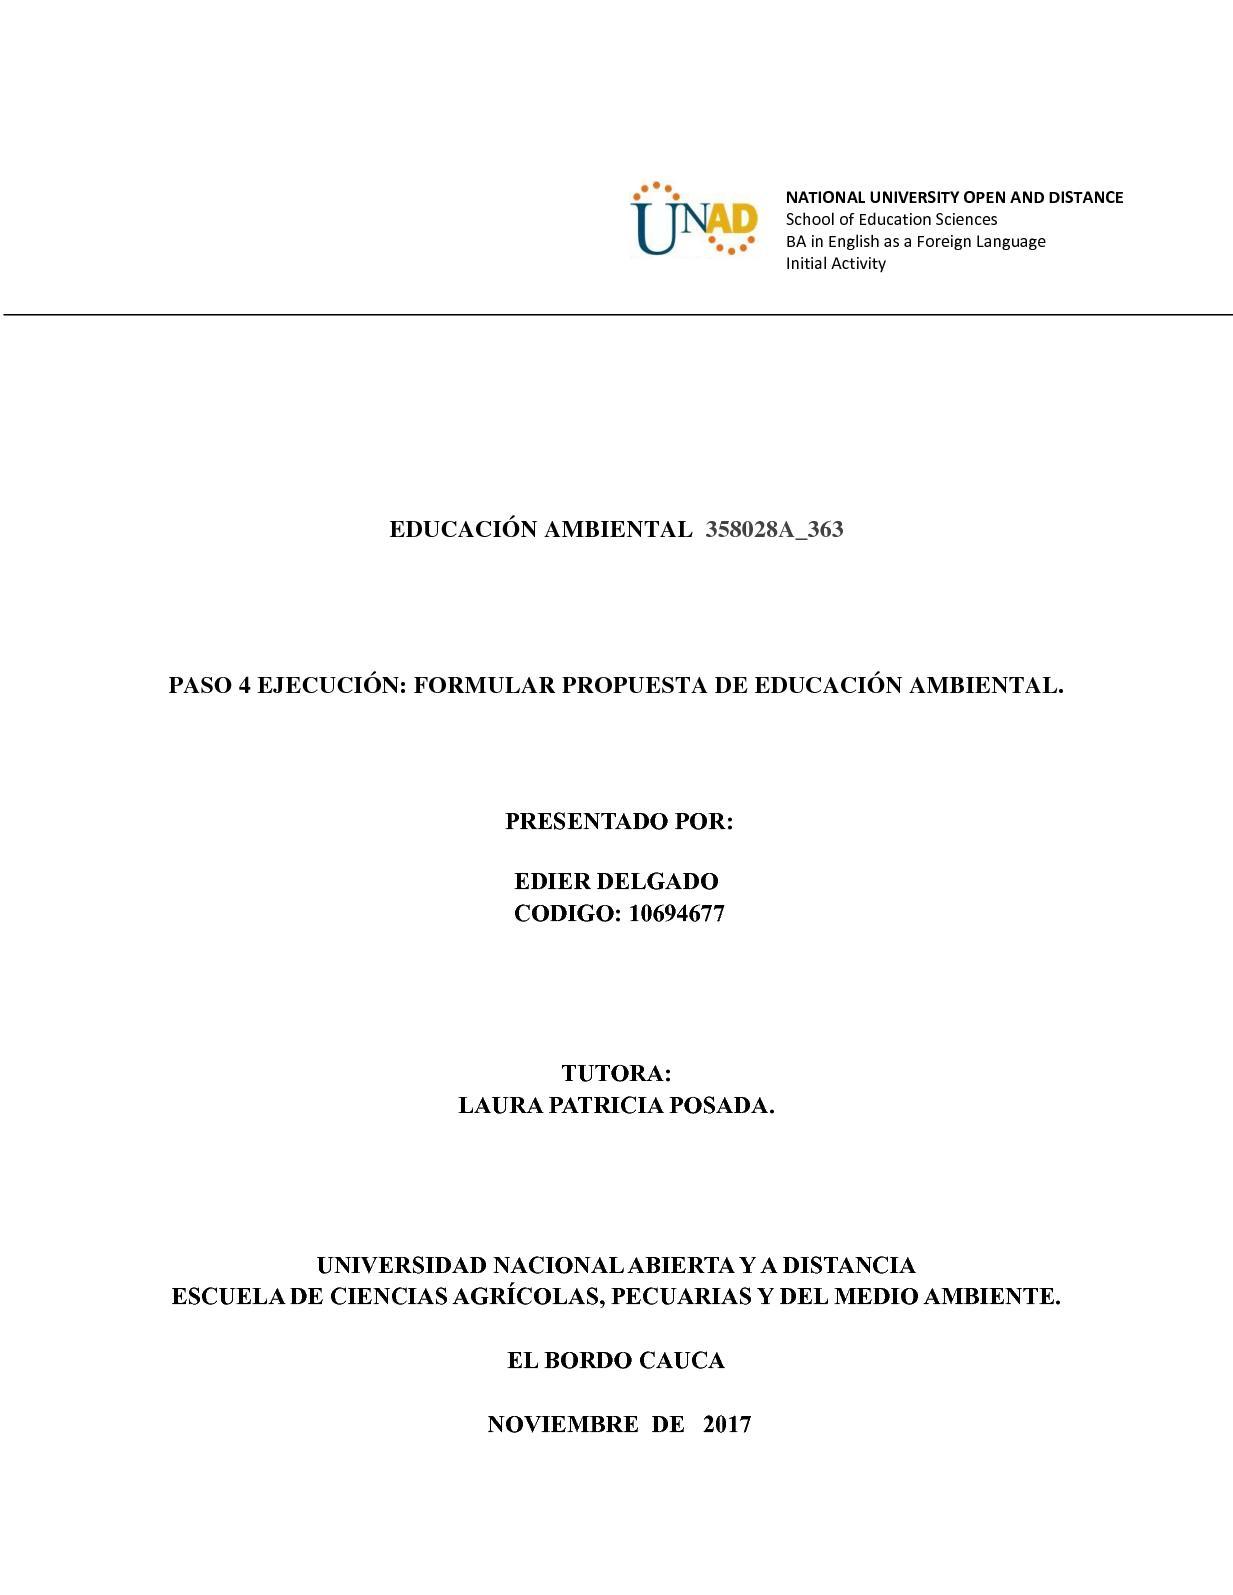 Paso 4 Ejecución Formular Propuesta De Educación Ambiental (2)